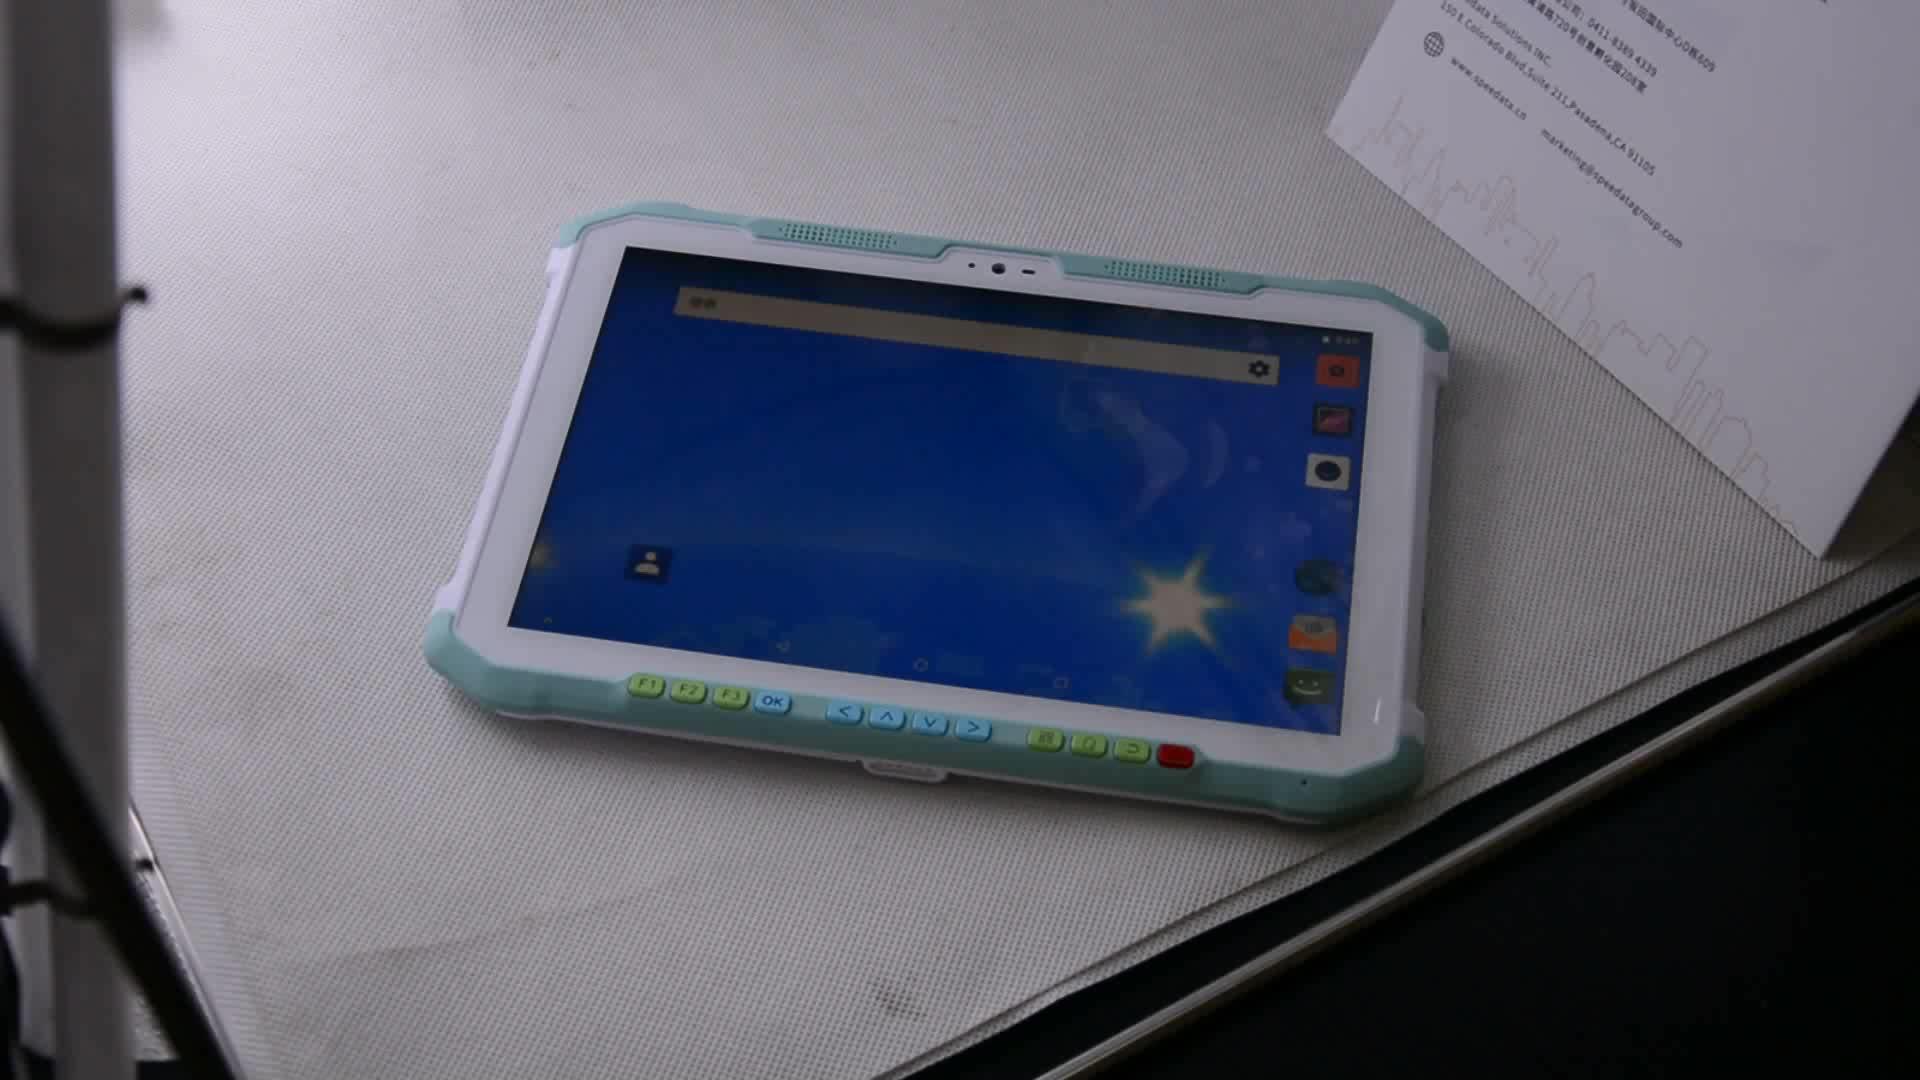 Gồ ghề Máy Tính Bảng PC hệ điều hành android 2d máy quét mã vạch cầm tay uhf rfid reader